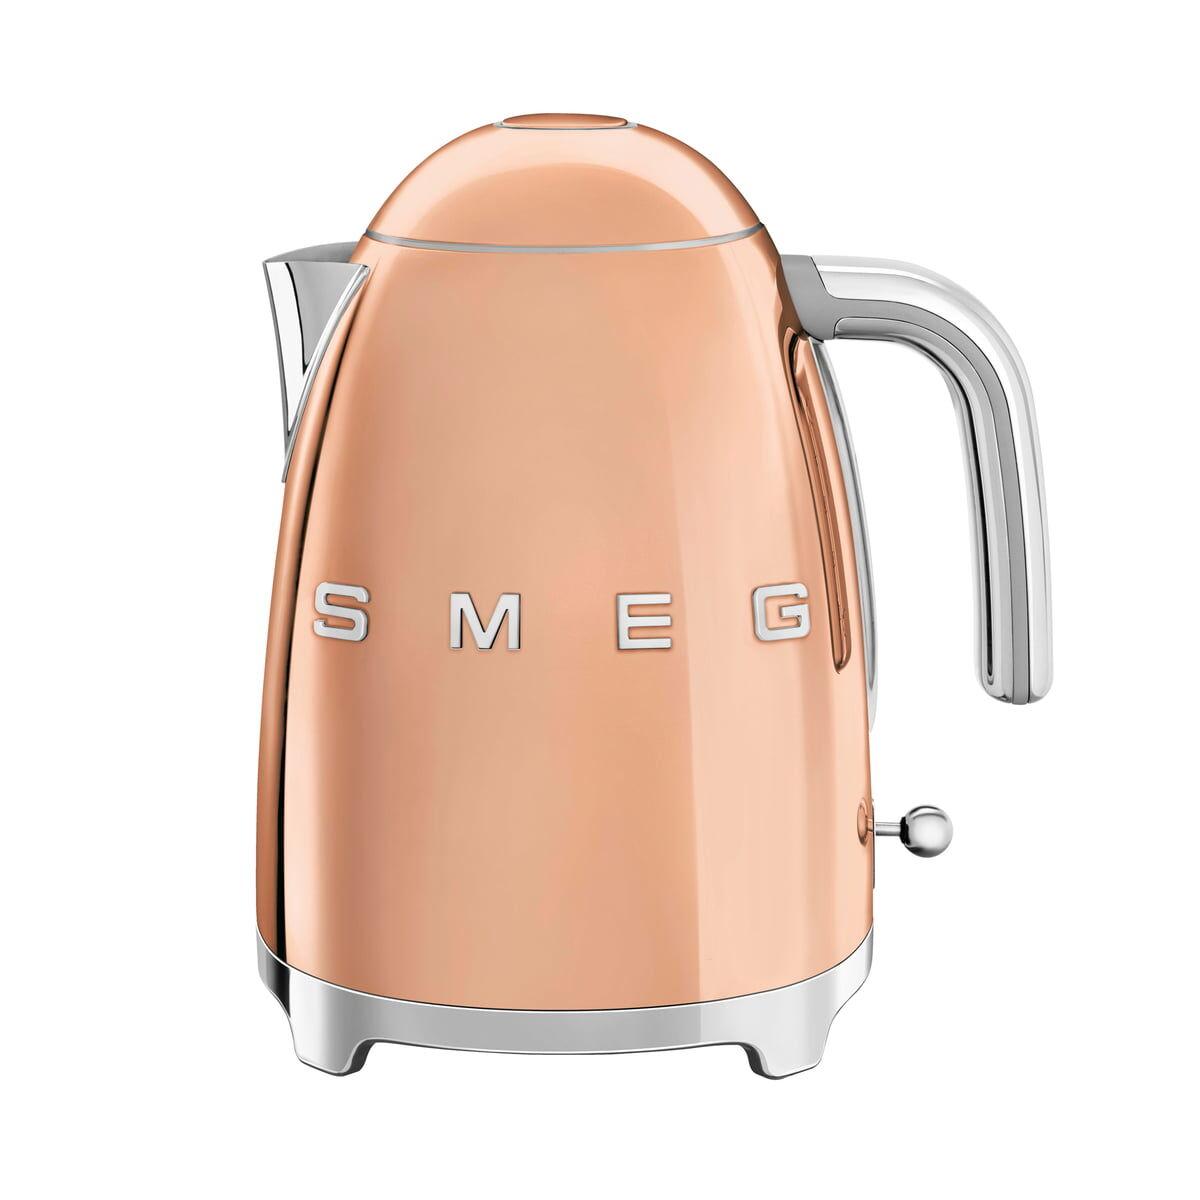 SMEG - Wasserkocher 1,7 l (KLF03), rosegold